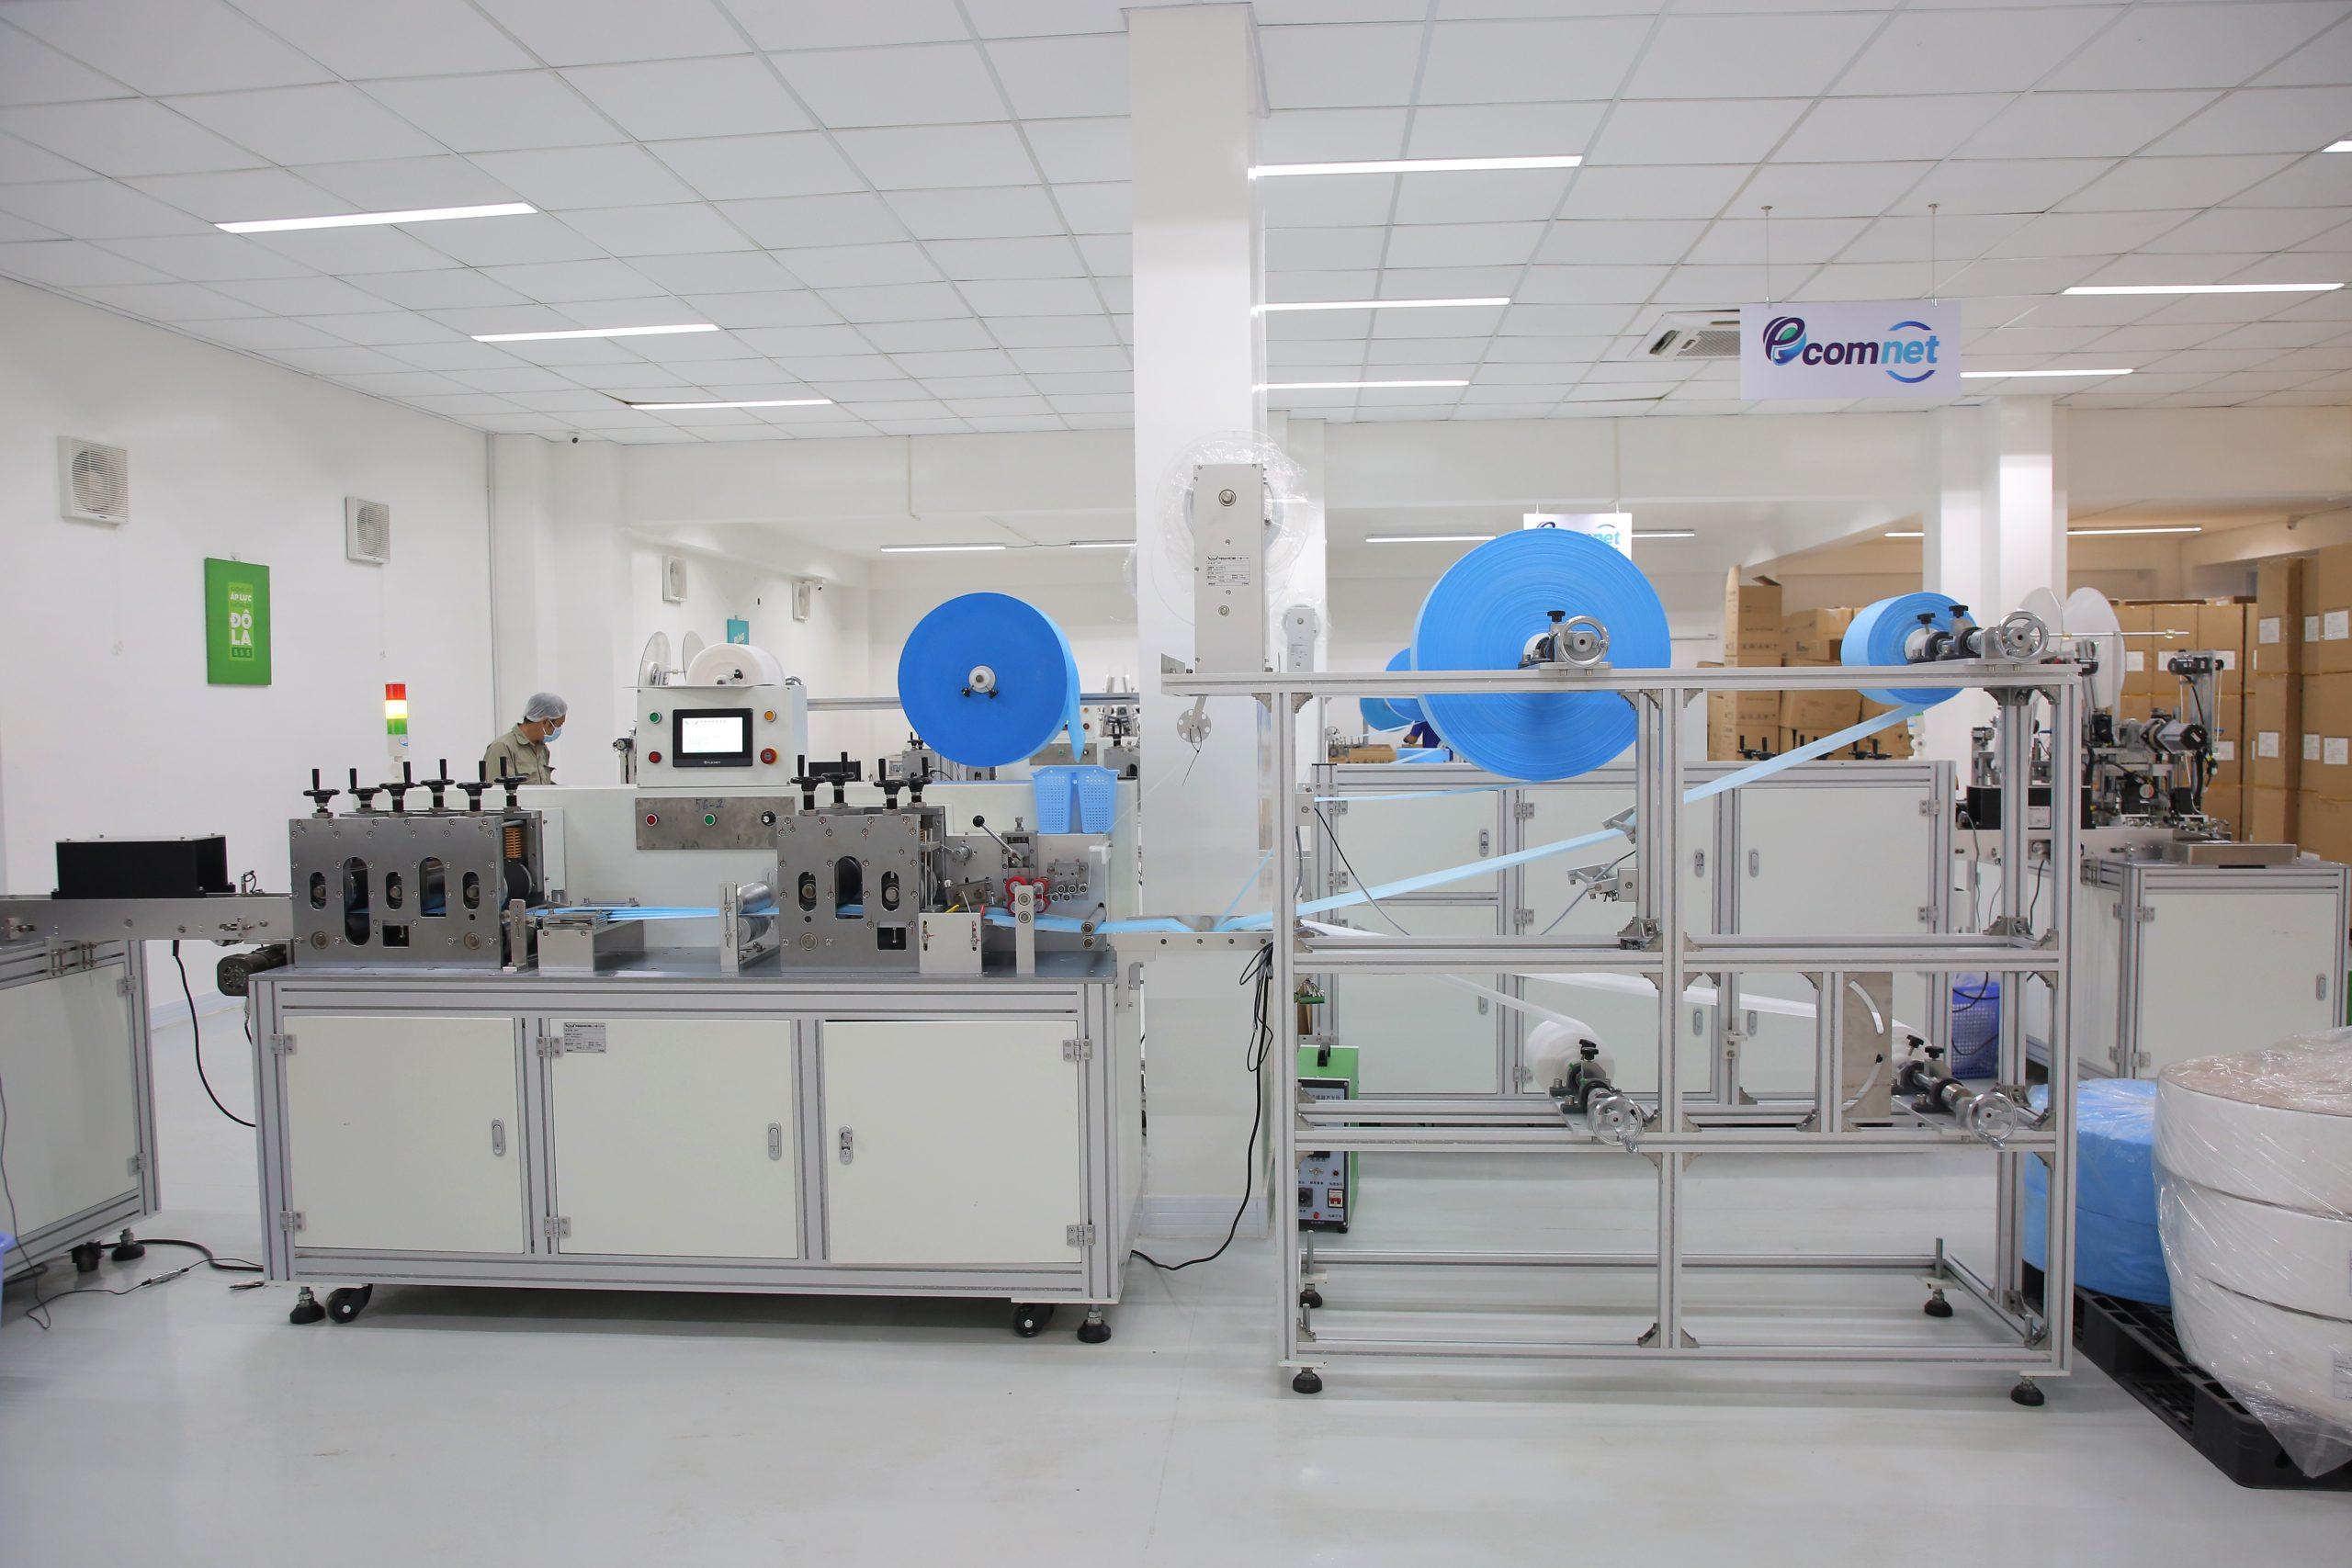 Hình ảnh nhà máy của Khẩu Trang Y Tế EcomMed